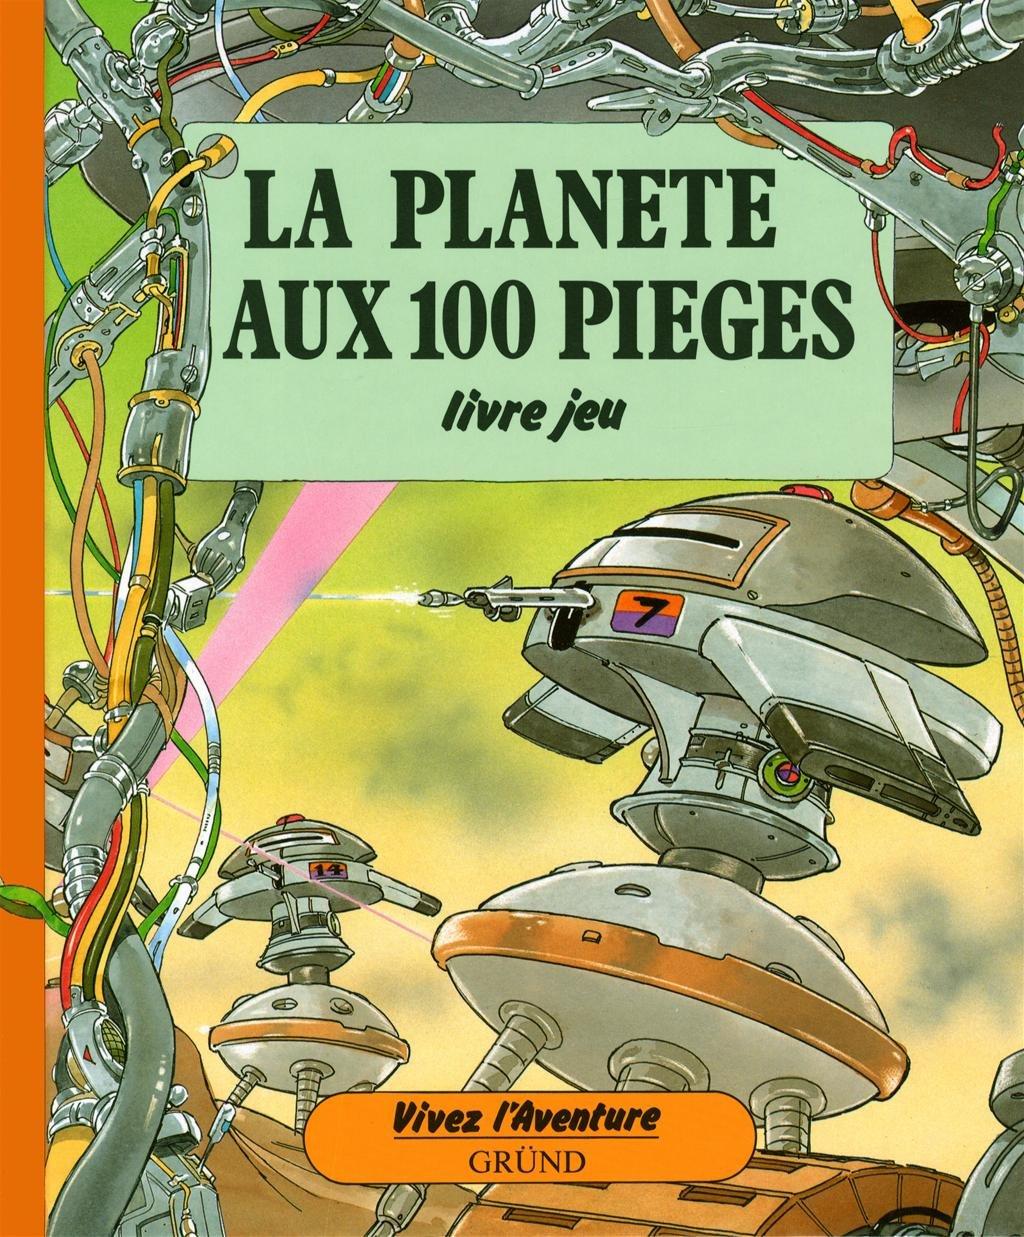 La Planète aux 100 pièges por Patrick Burston